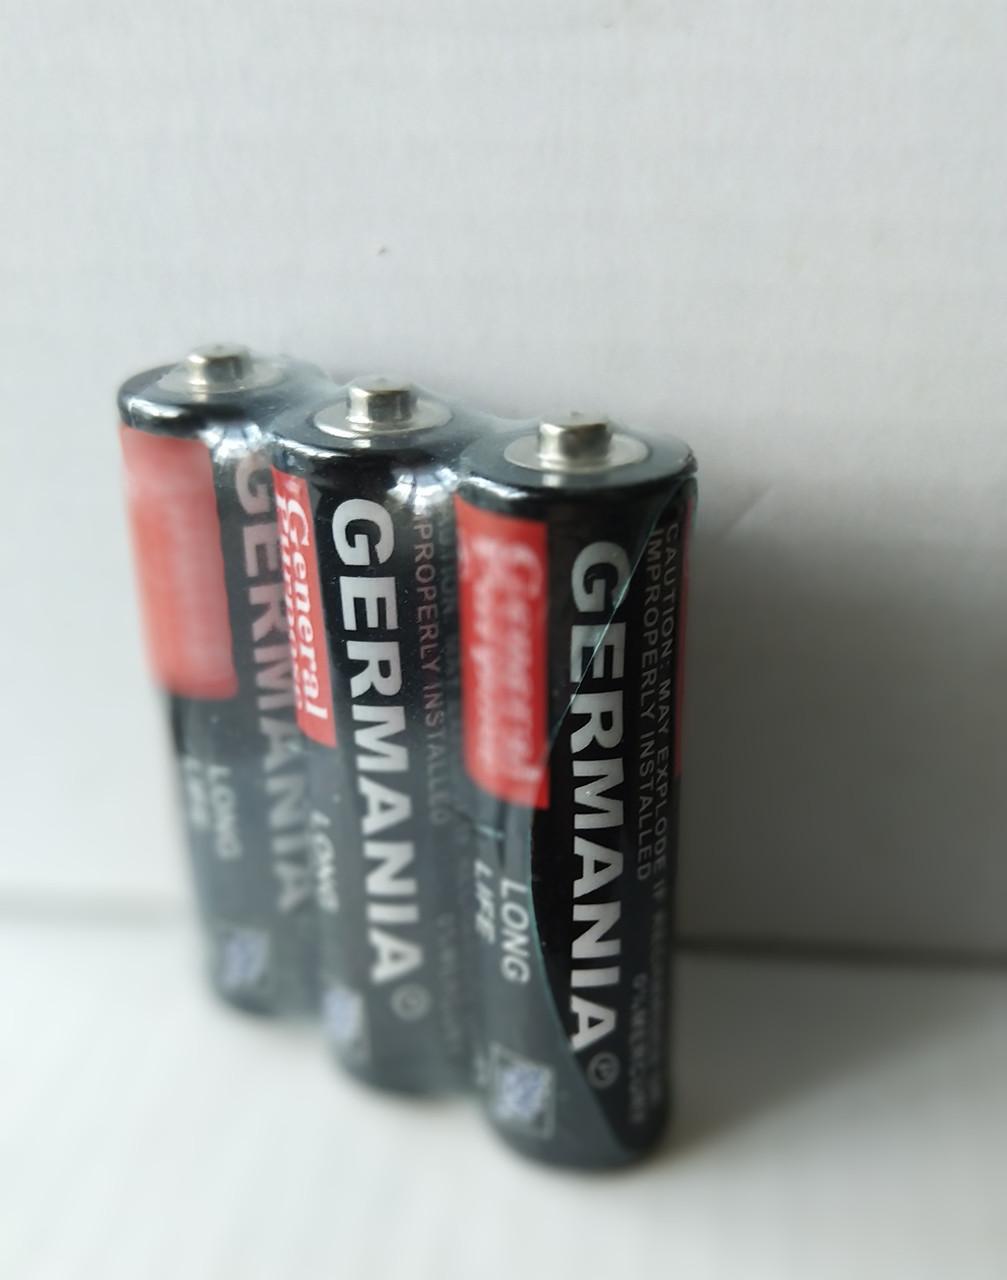 Батарейка солевая Germania АА R06 1.5V  Батарейка пальчиковая (3 шт.)